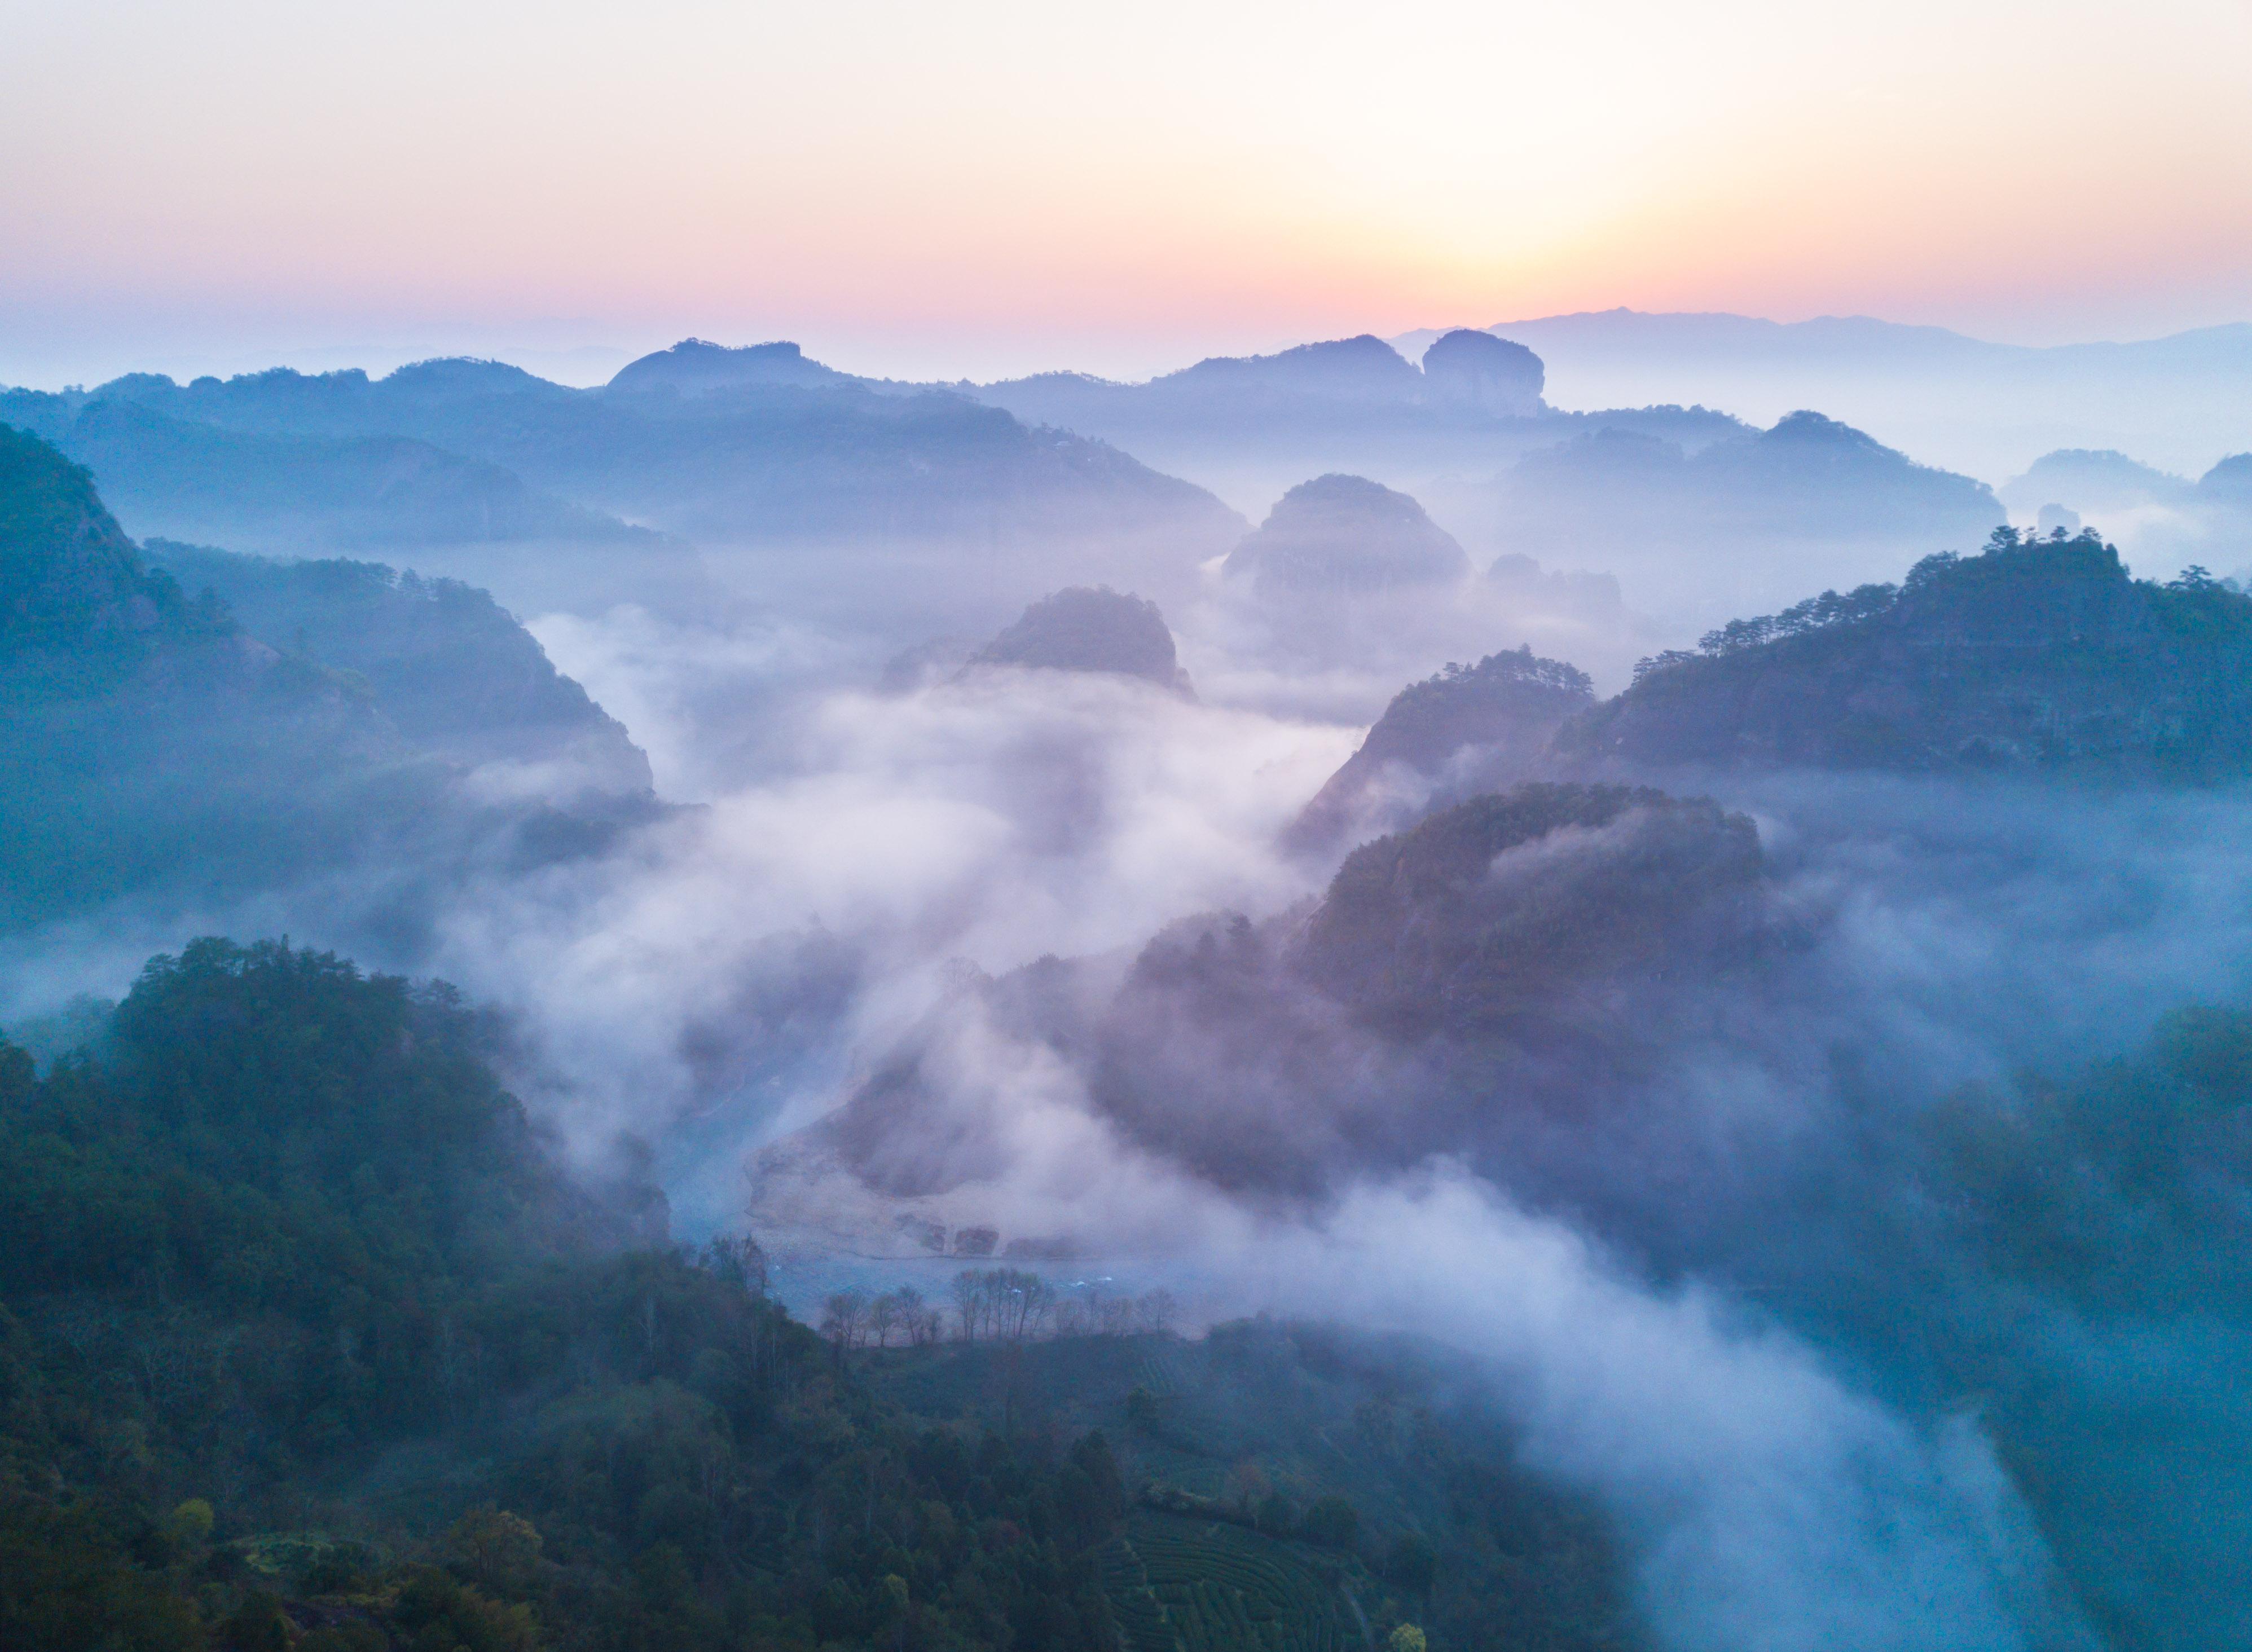 ↑这是福建省武夷山风景名胜区齐云峰附近的云海景观(3月13日无人